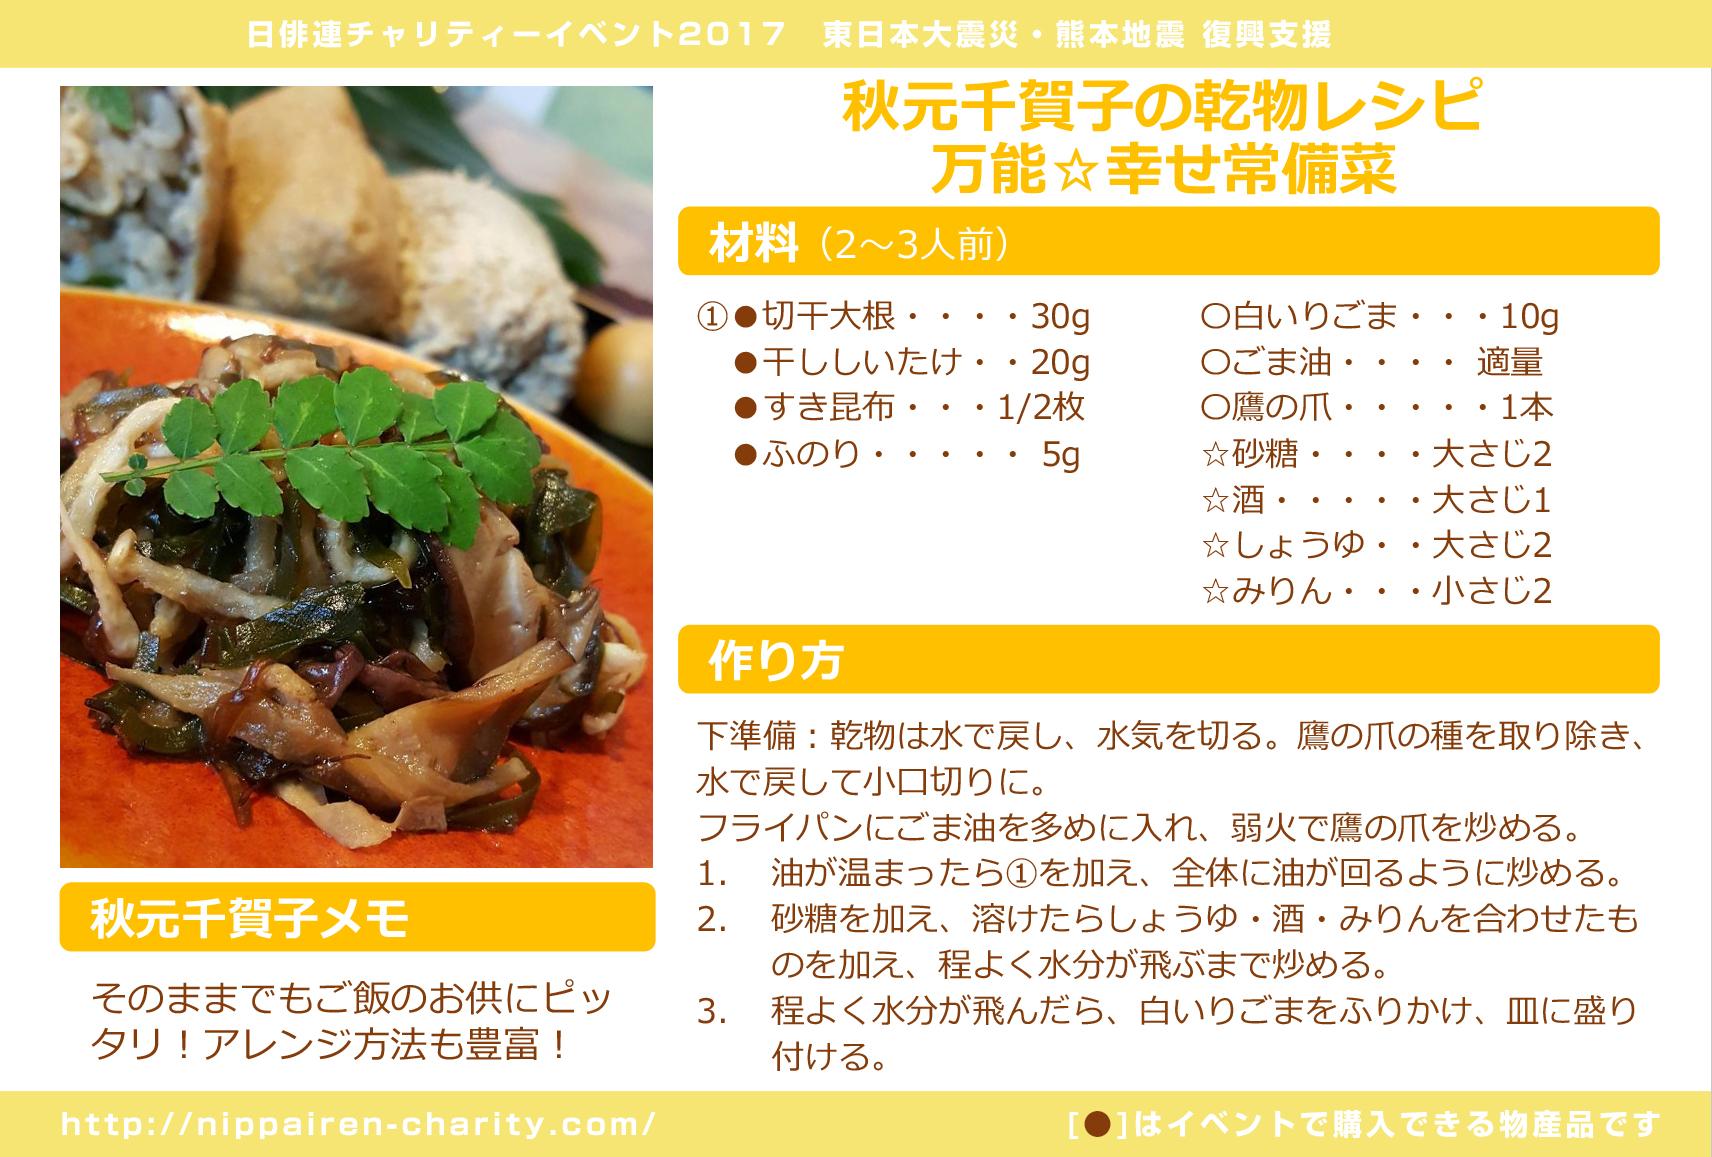 秋元千賀子の乾物レシピ 万能☆幸せ常備菜